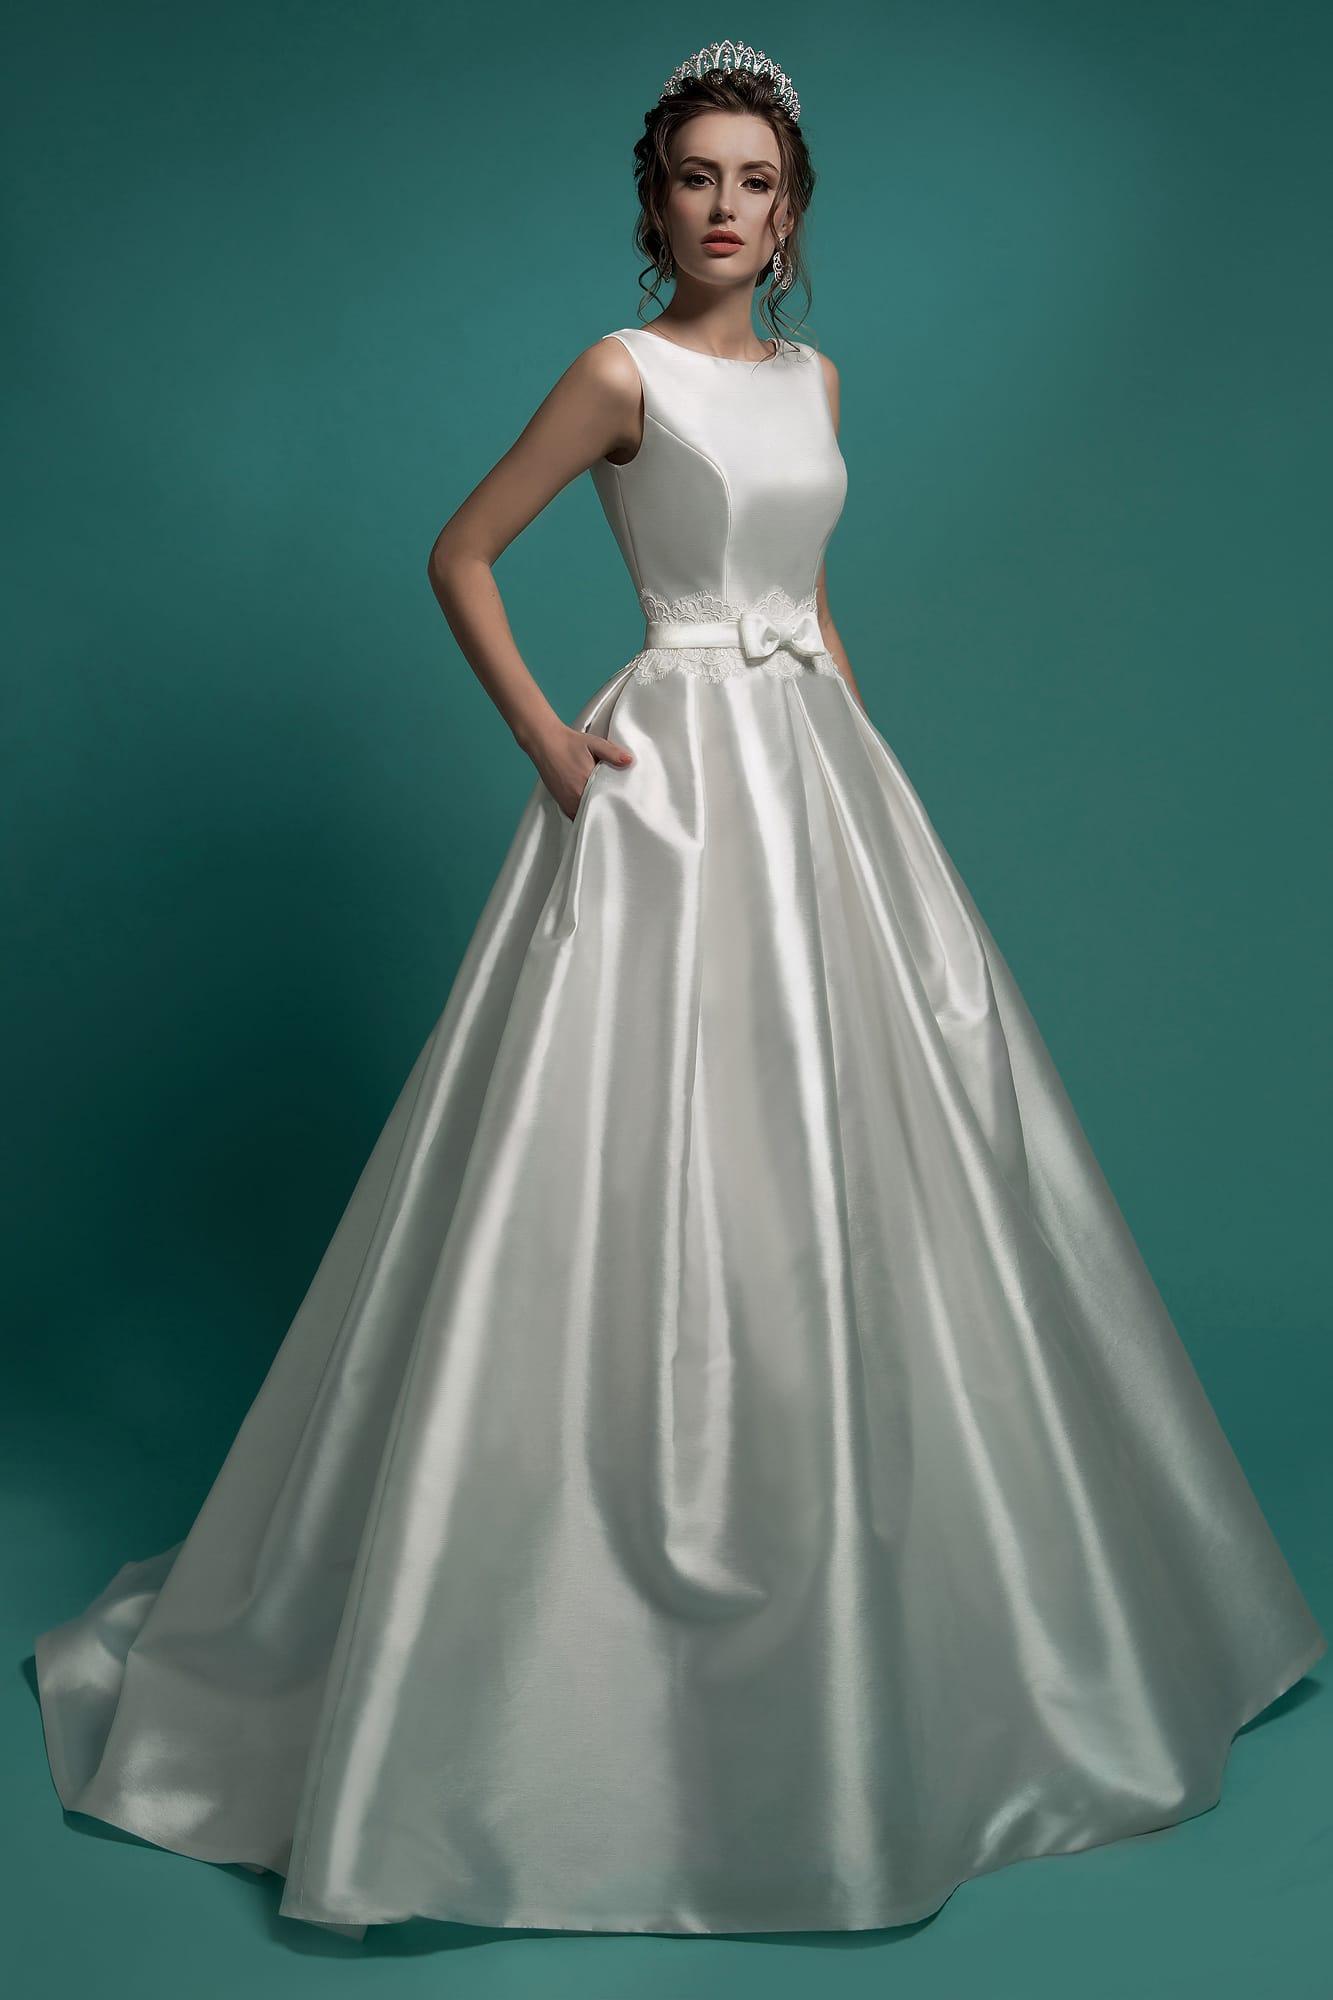 3c4c3826df6 Свадебное платье Gabbiano Джемма ▷ Свадебный Торговый Центр Вега в ...